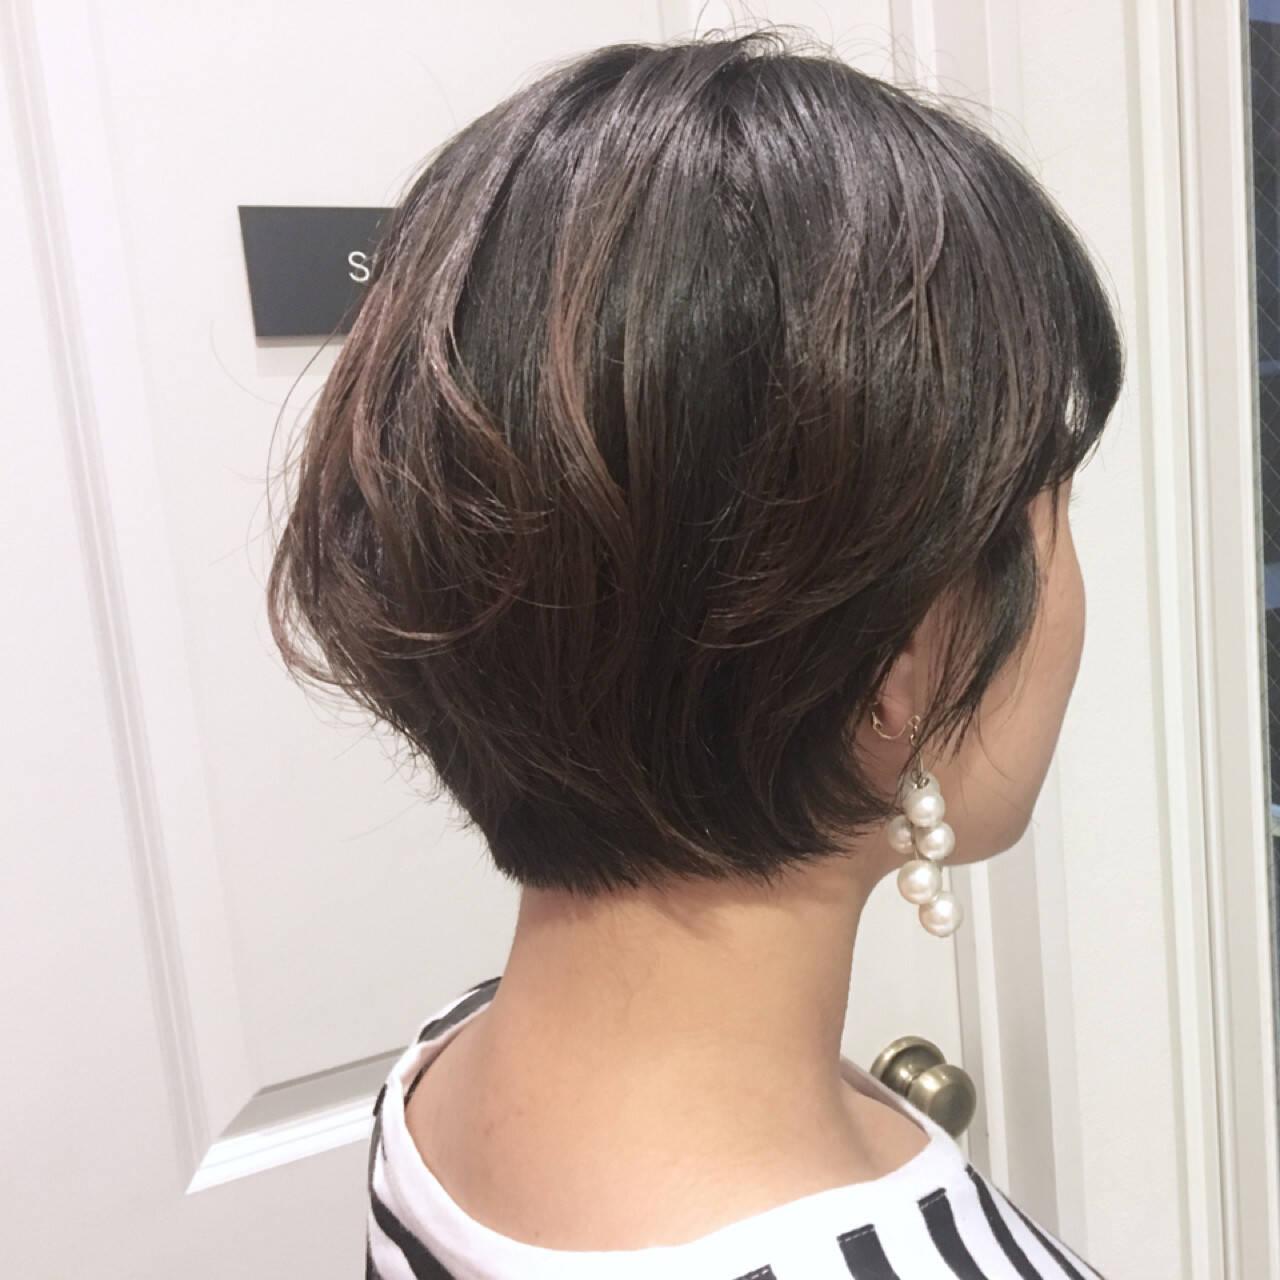 ナチュラル ショート 無造作 ヘアアレンジヘアスタイルや髪型の写真・画像